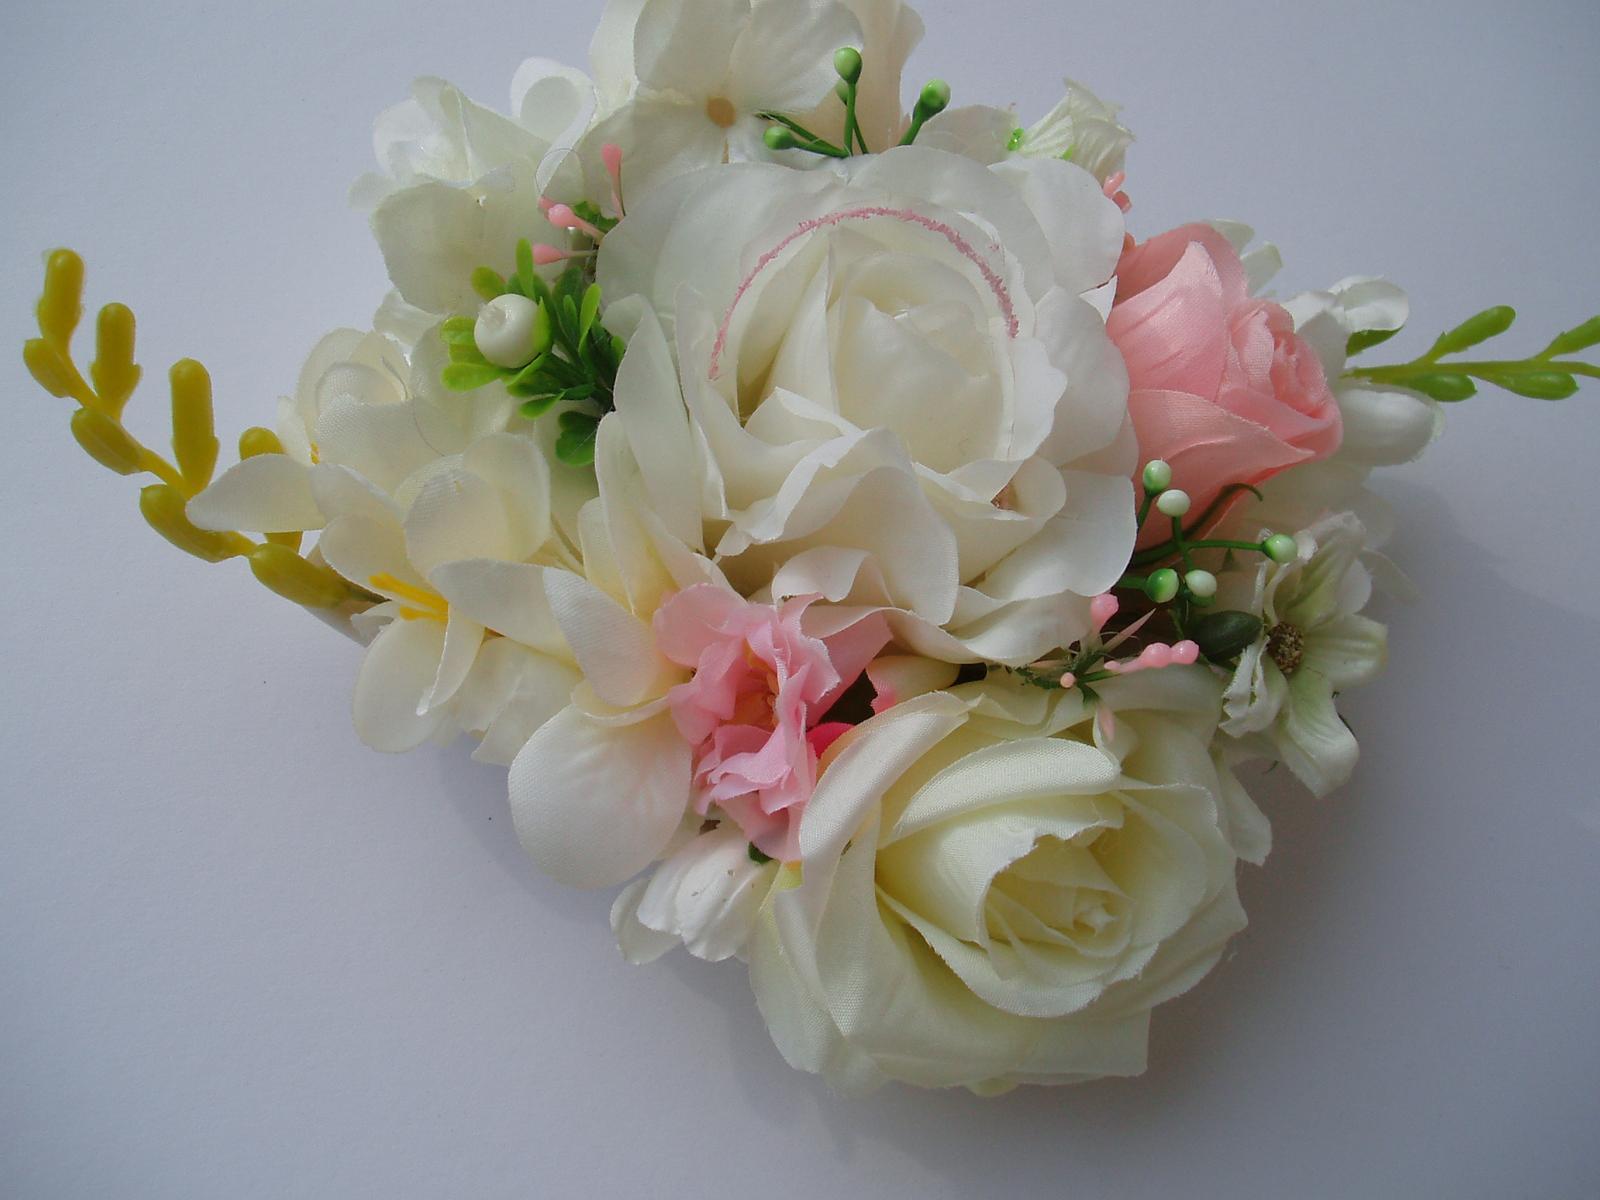 květinová dekorace - Obrázek č. 3